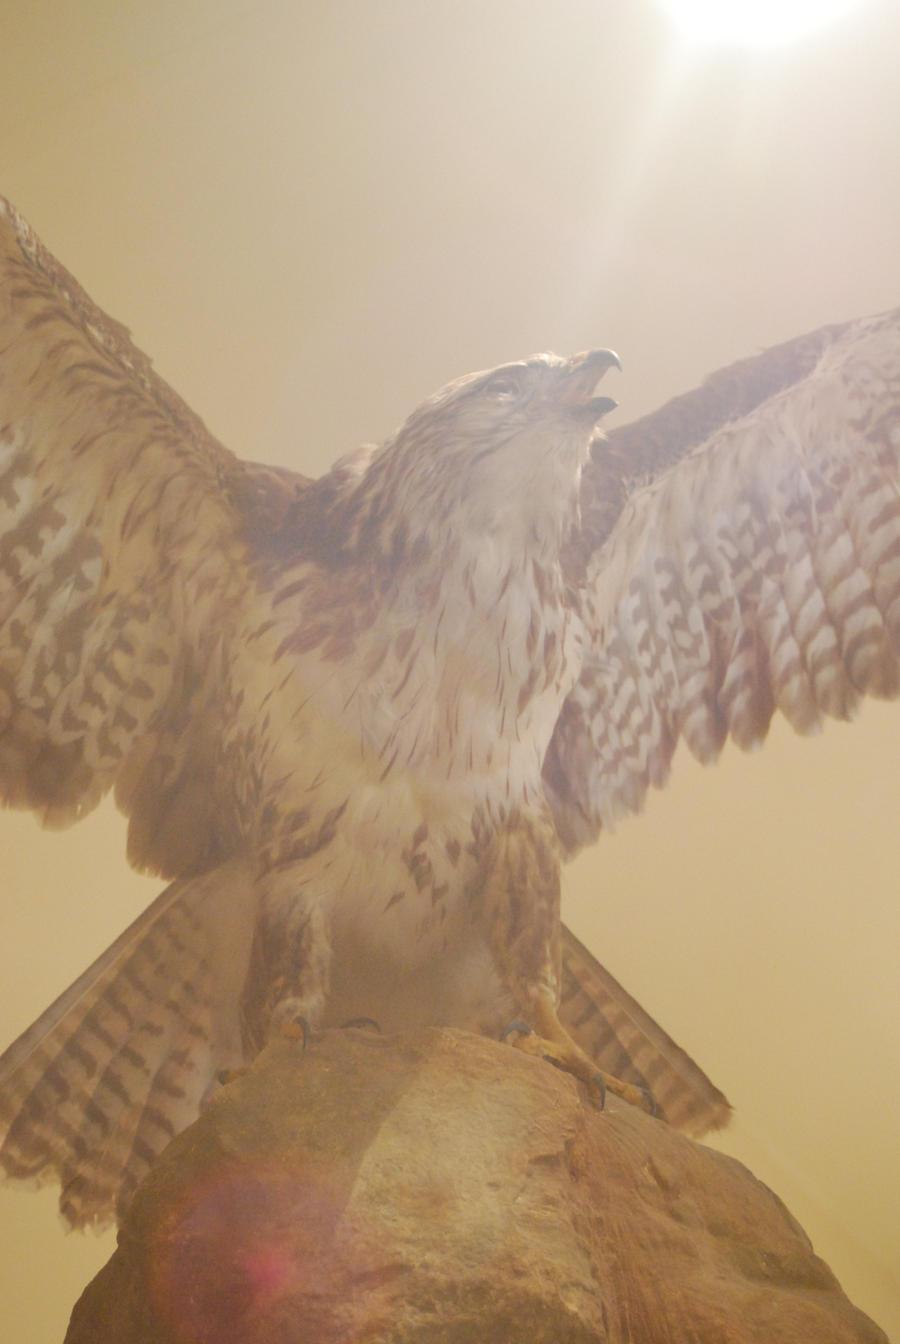 BIRD STOCK 4 by Theshelfs